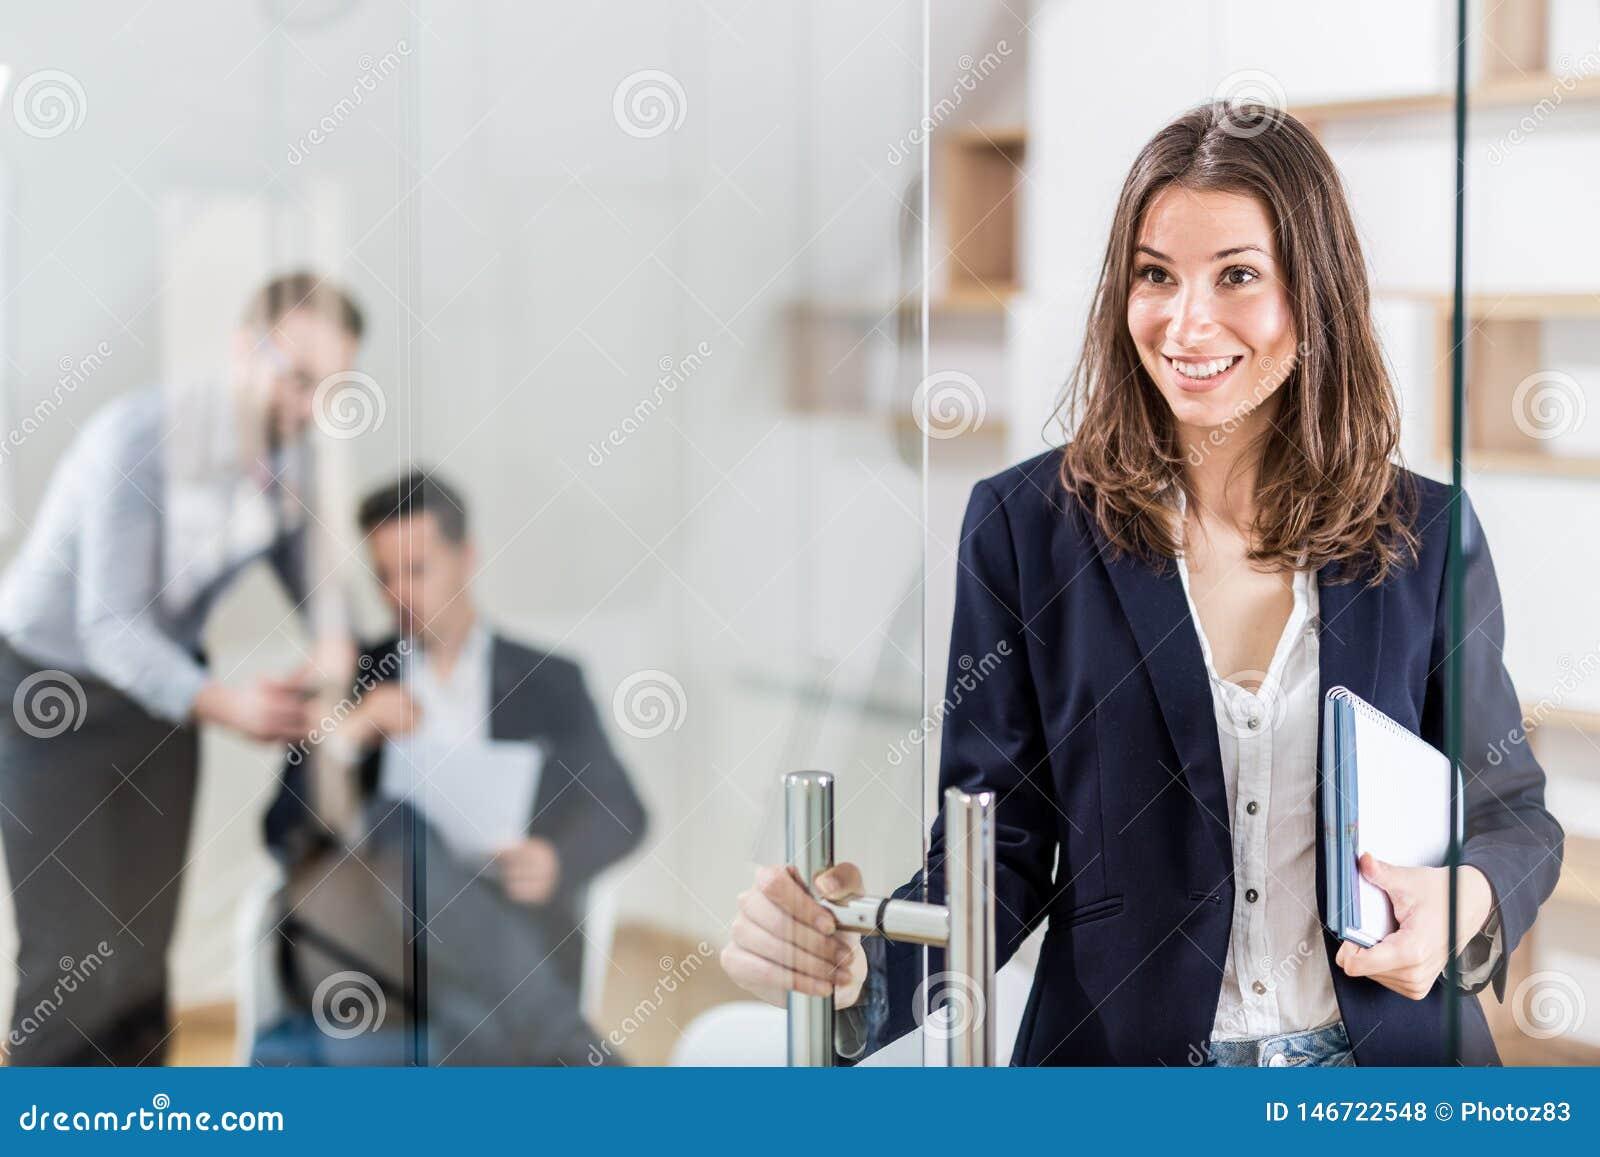 Портрет жизнерадостного современного женского профессионала в современном офисе